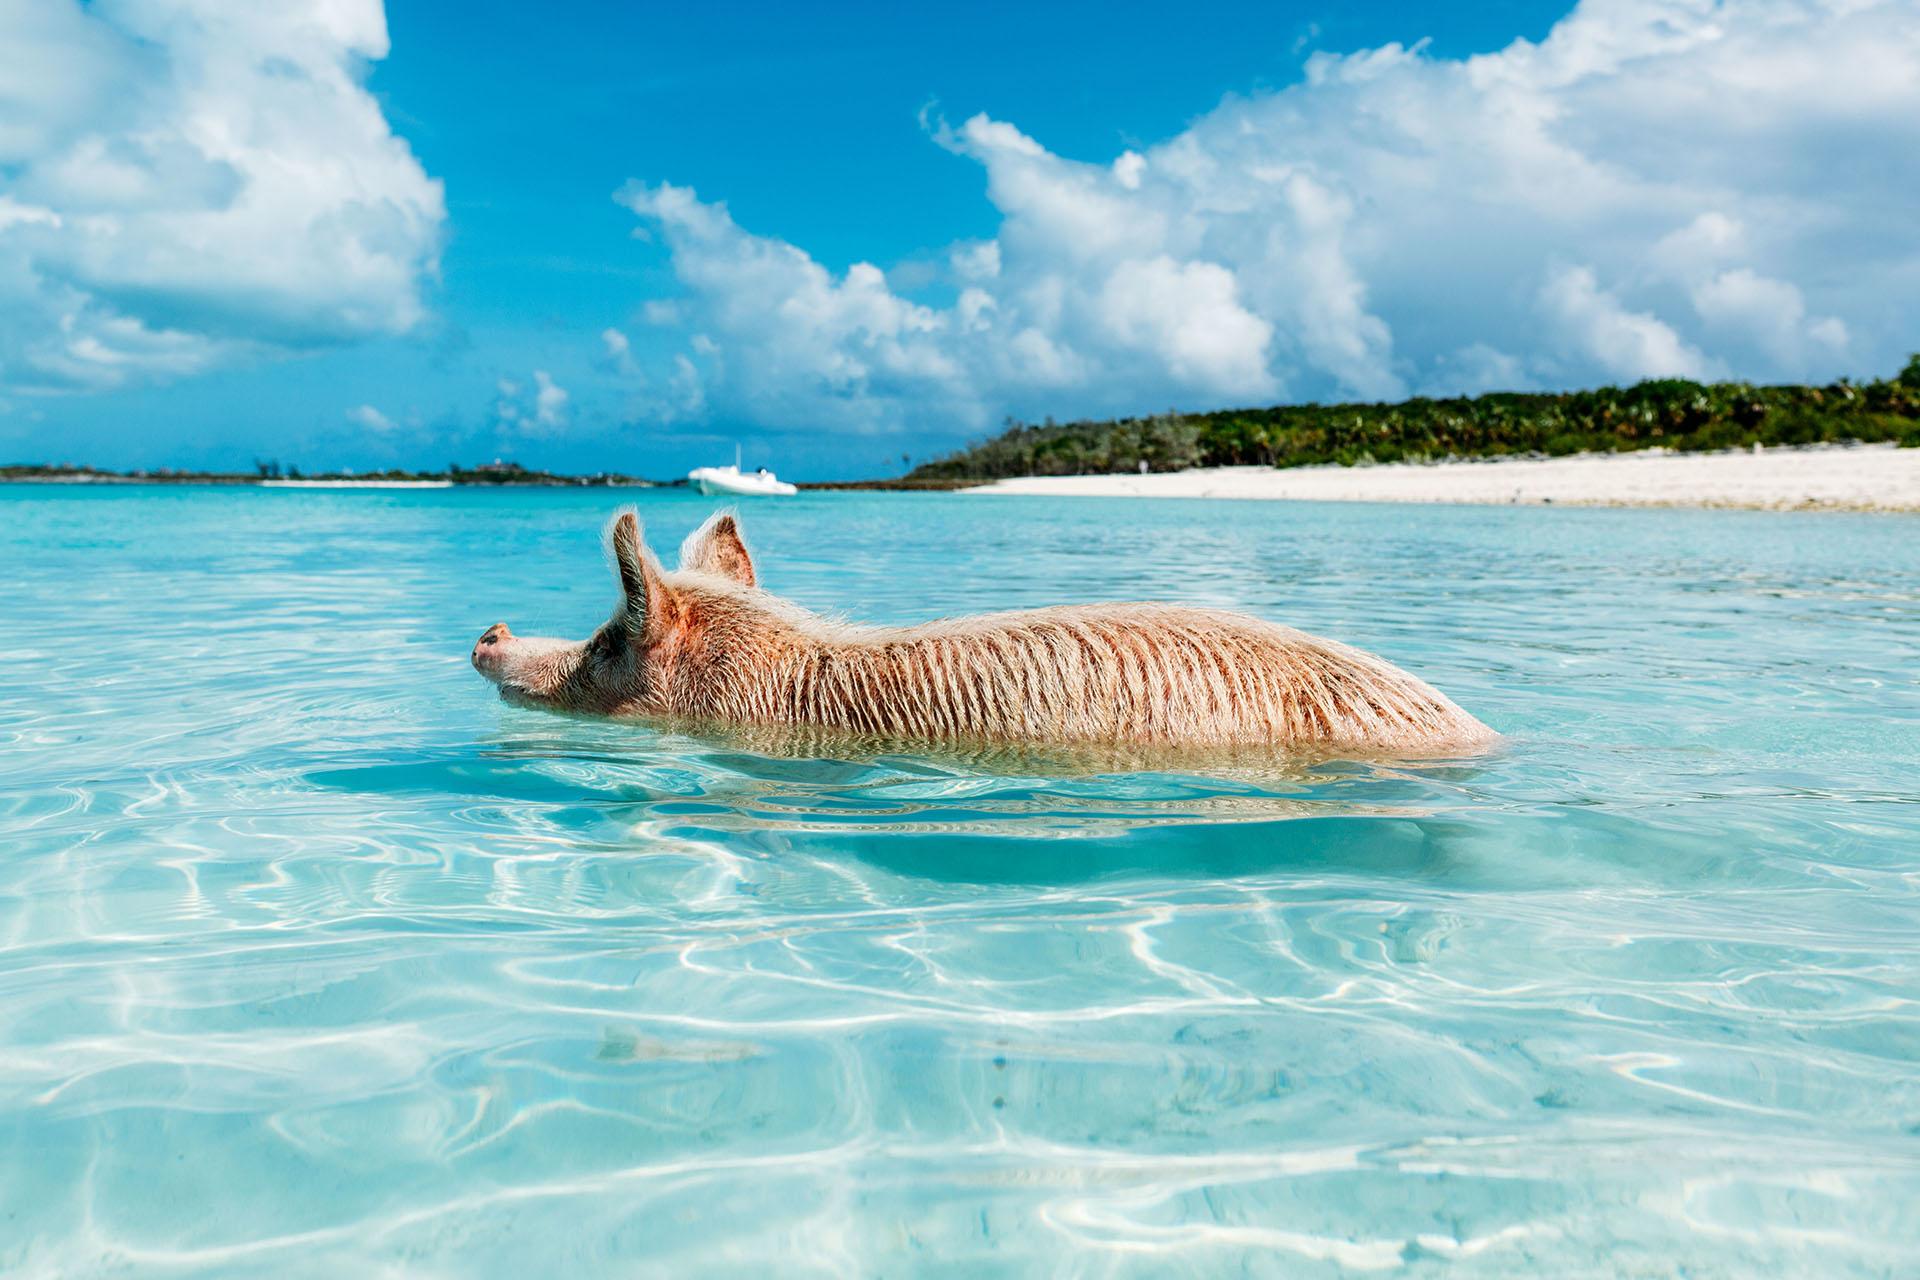 Llamada así cariñosamente, en sus playas los cerdos conviven con los que se acercan a una pequeña isla, situada en el archipiélago de las Bahamas de Exuma, en la isla de Big Major Cay